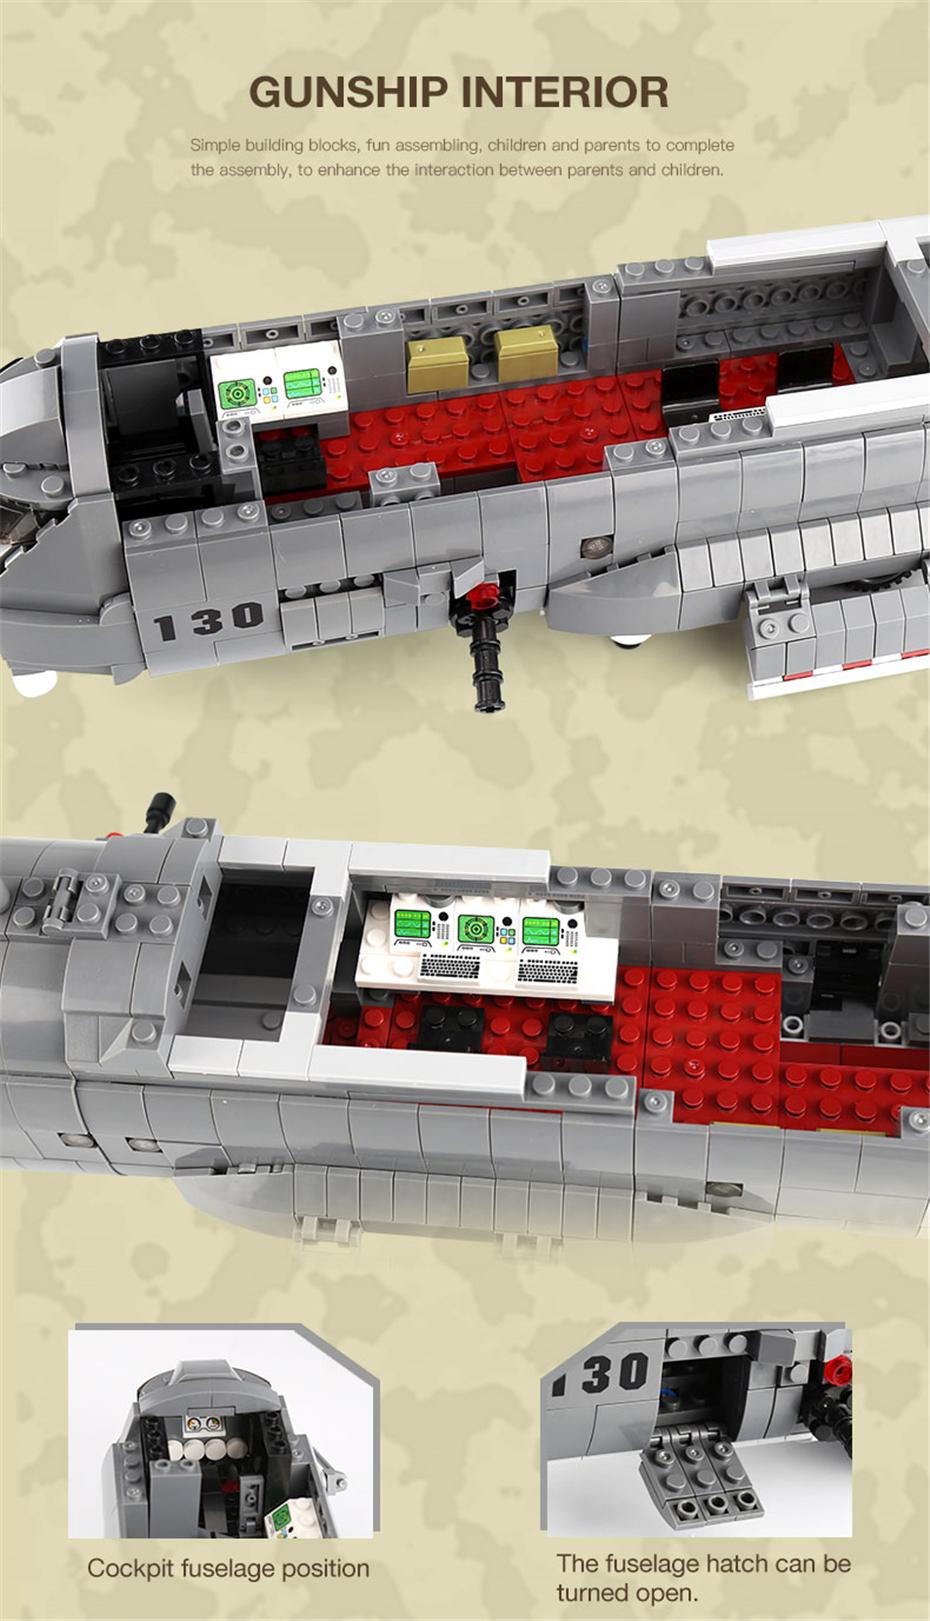 XINGBAO 06023 AC130 Gunship Building Bricks Set